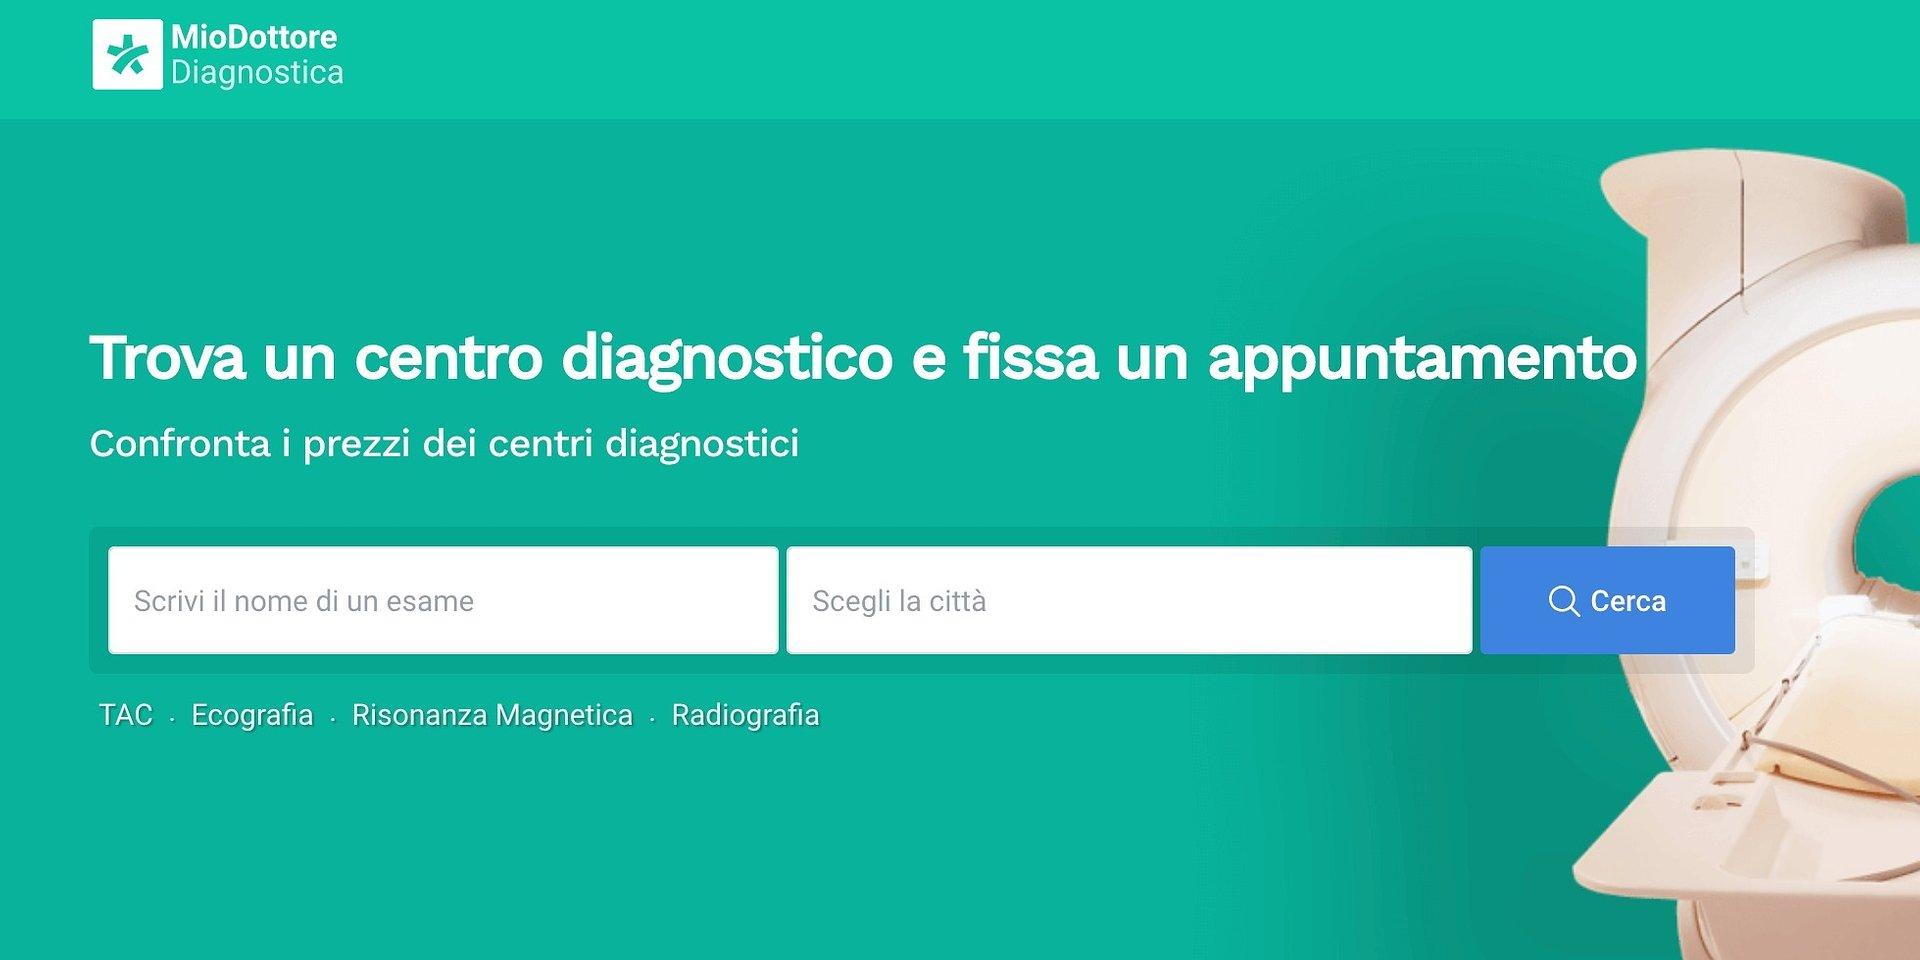 MioDottore ha lanciato la sezione Test Covid-19 e la piattaforma dedicata alla Diagnostica, per essere ancora più vicino ai pazienti